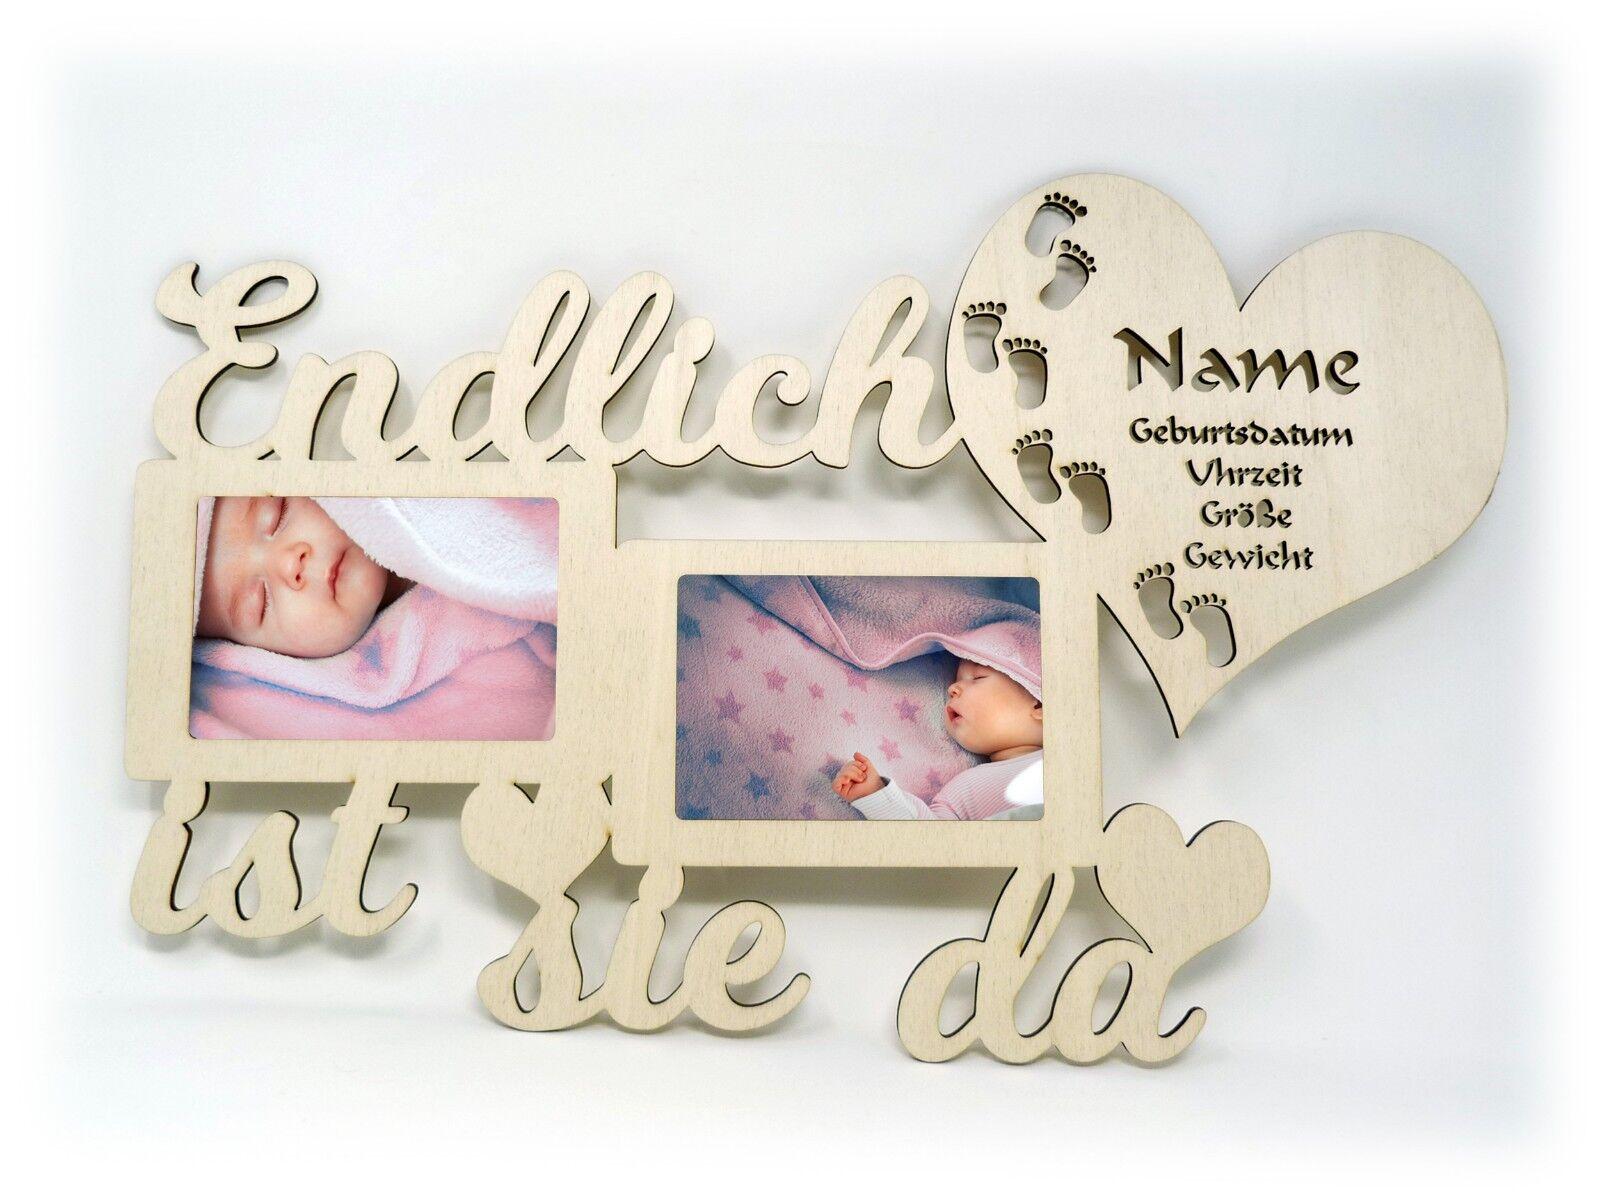 Geschenk Name Bilderrahmen Geschenke zur Taufe Geburt Geburtstag Mädchen Junge